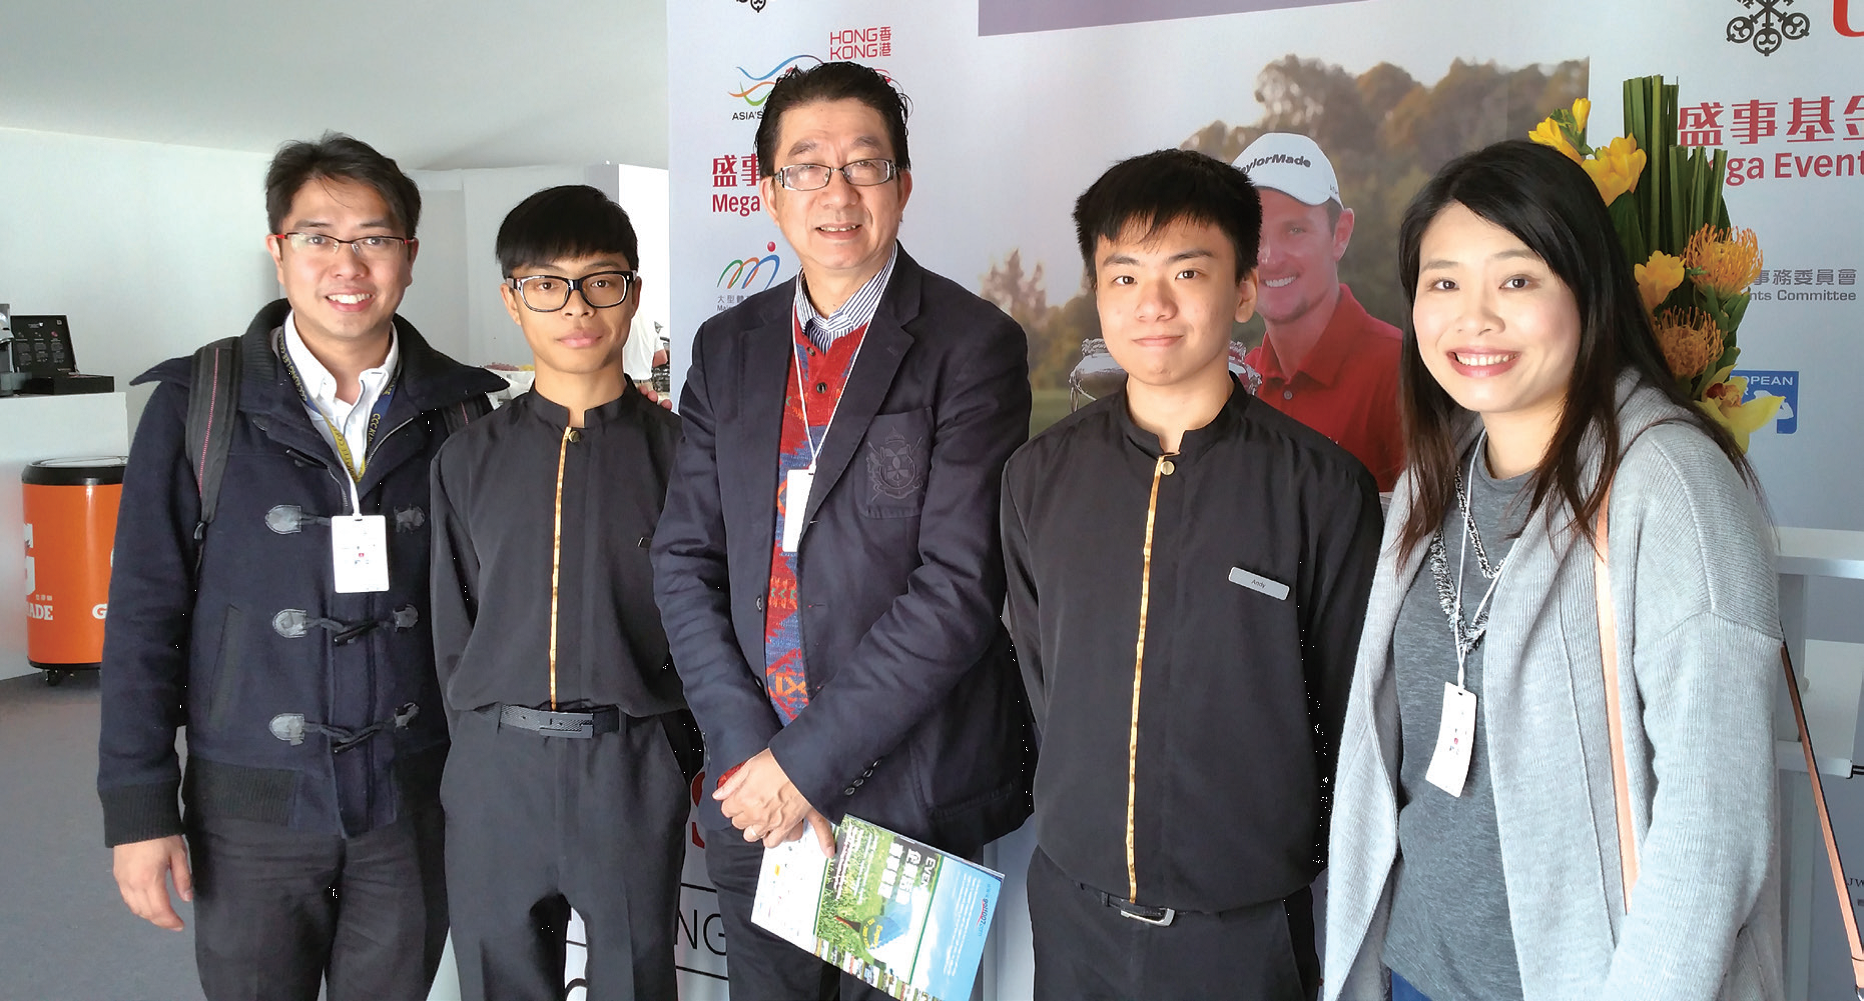 鄒秉恩校長( 中) 相信每位學生都各具才能,希望幫助他們揀選最適合的升學及發展方向。